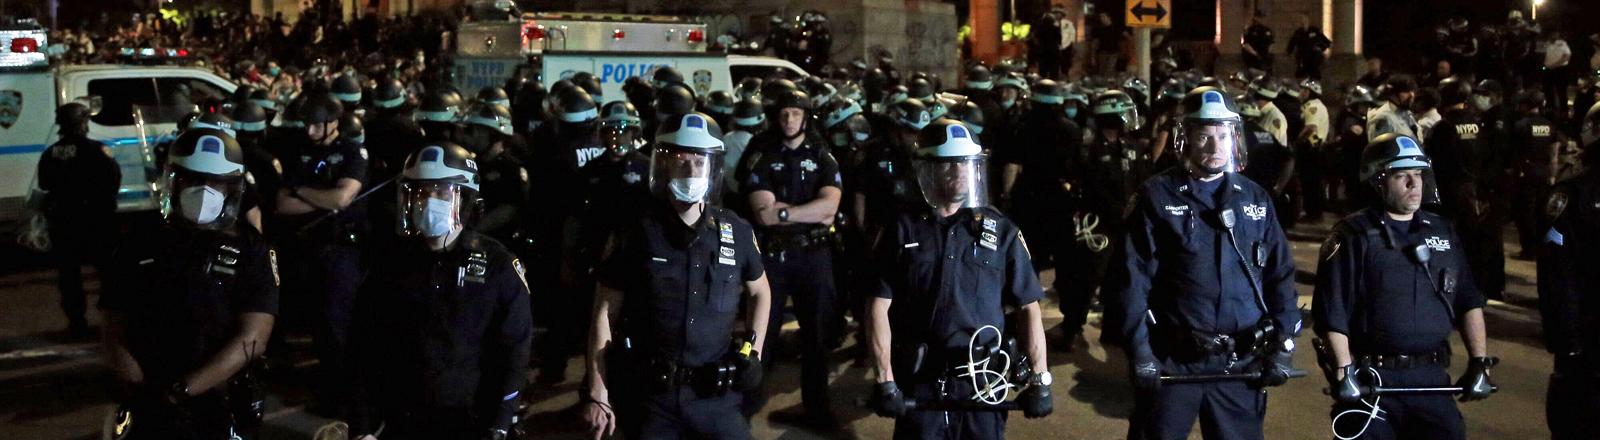 Polizisten bewachen die Manhatten Bridge.